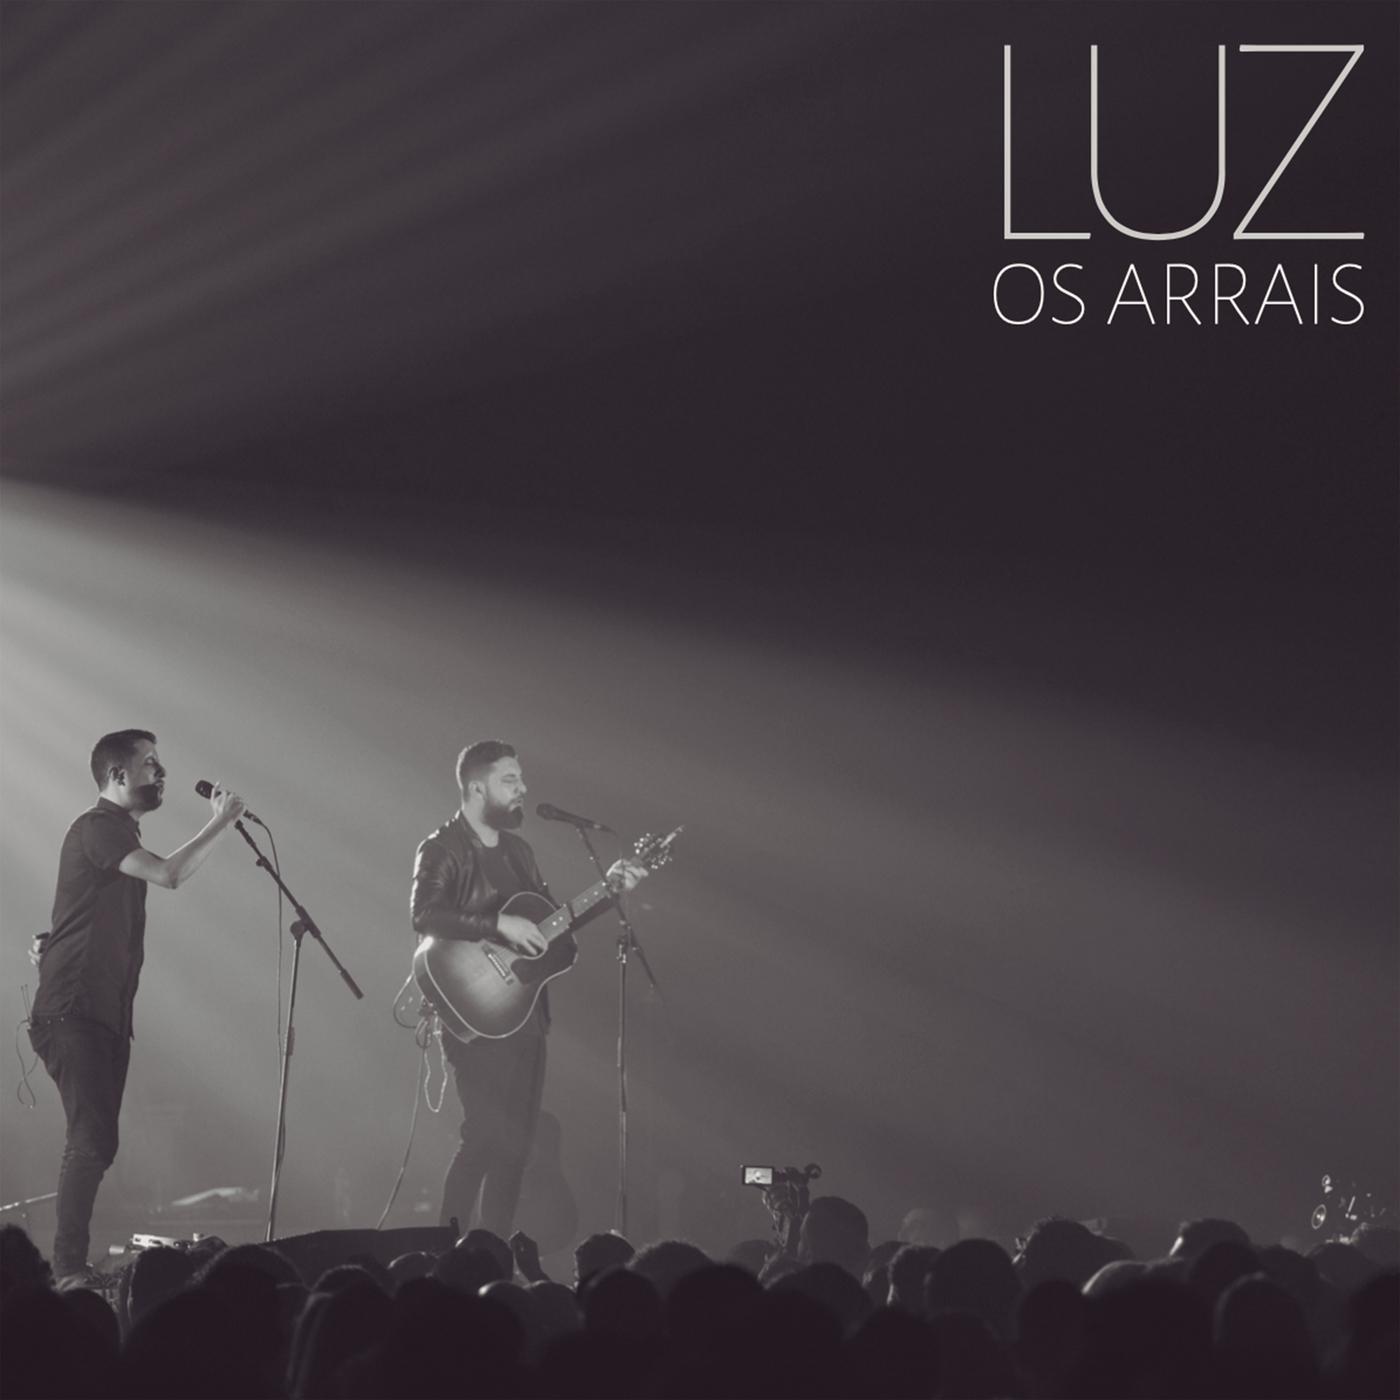 Luz (Ao Vivo) - Os Arrais